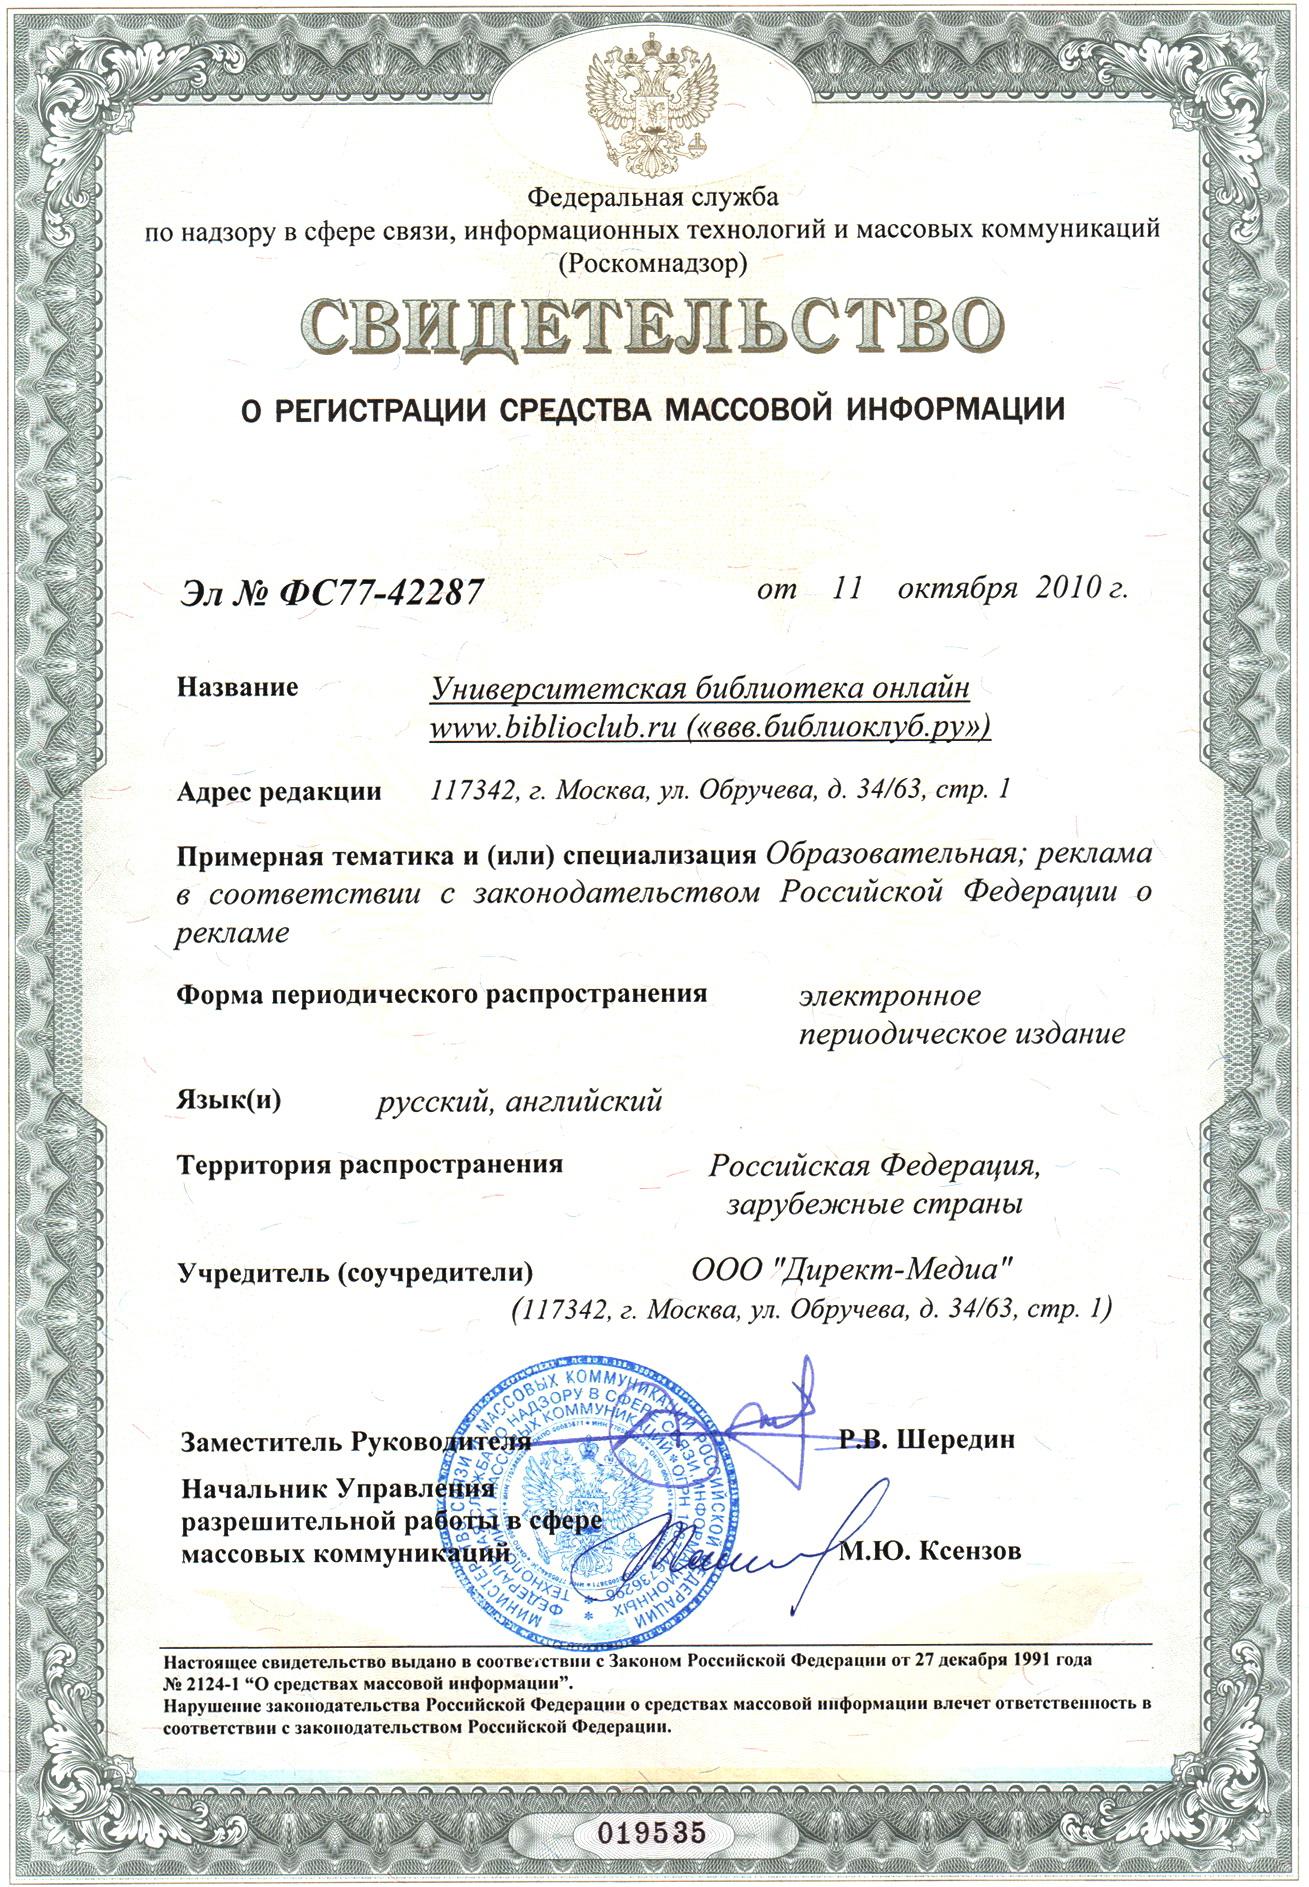 Свидетельнсво о регистрации средства массовой информации